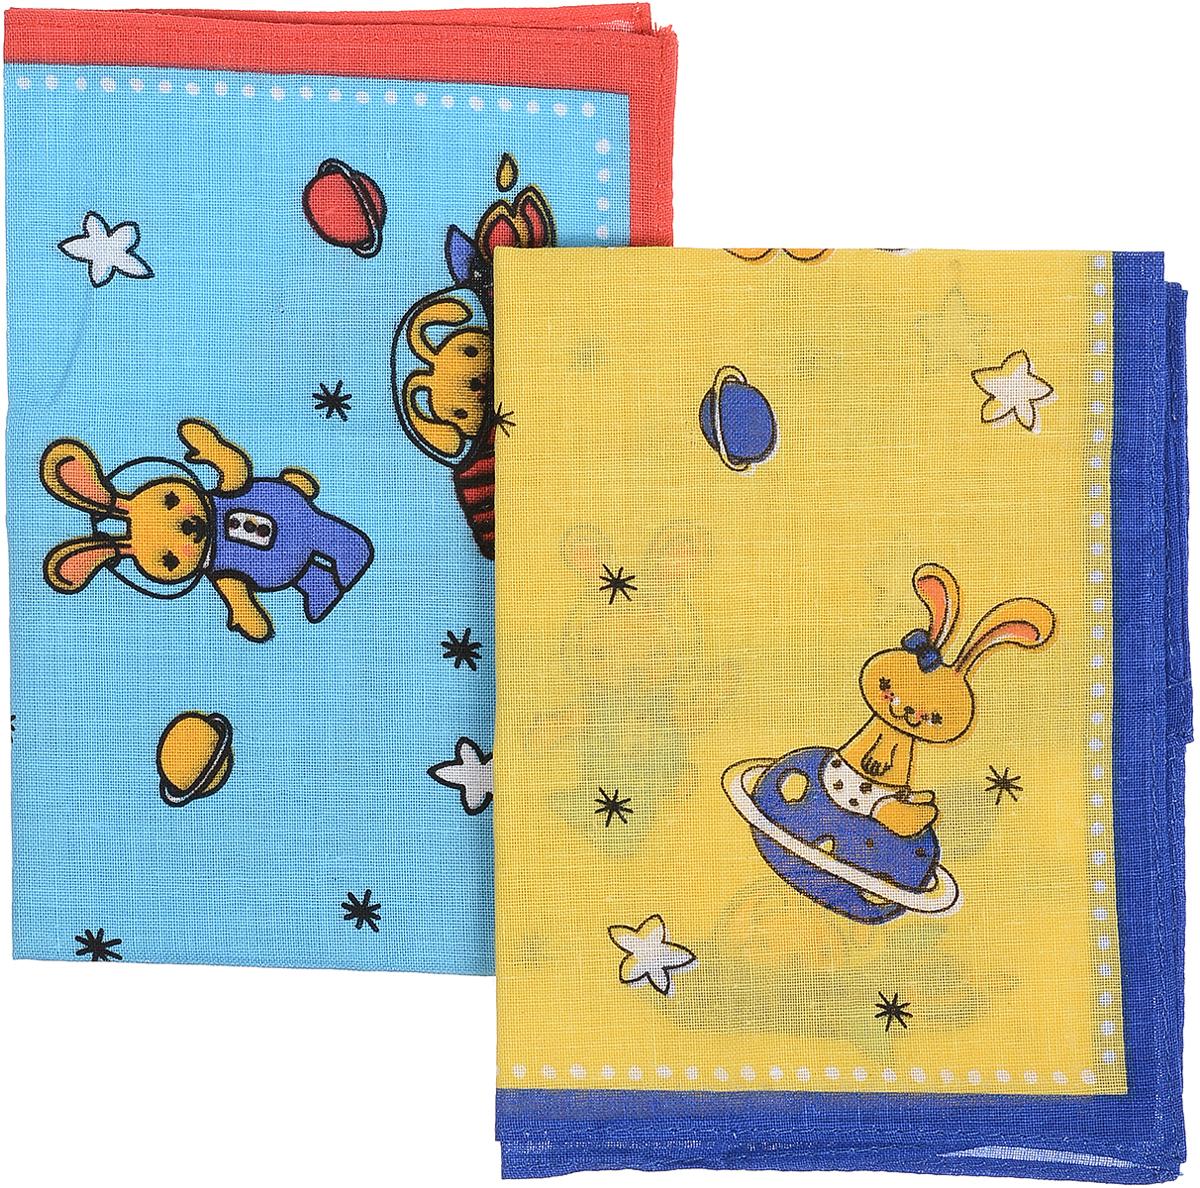 Платок носовой детский Zlata Korunka, цвет: голубой,желтый, 4 шт. 71406. Размер 27 х 27 см39864 Серьги с подвескамиПлаток носовой детский Zlata Korunka, цвет: голубой,желтый, 4 шт. 71406. Размер 27 х 27 см